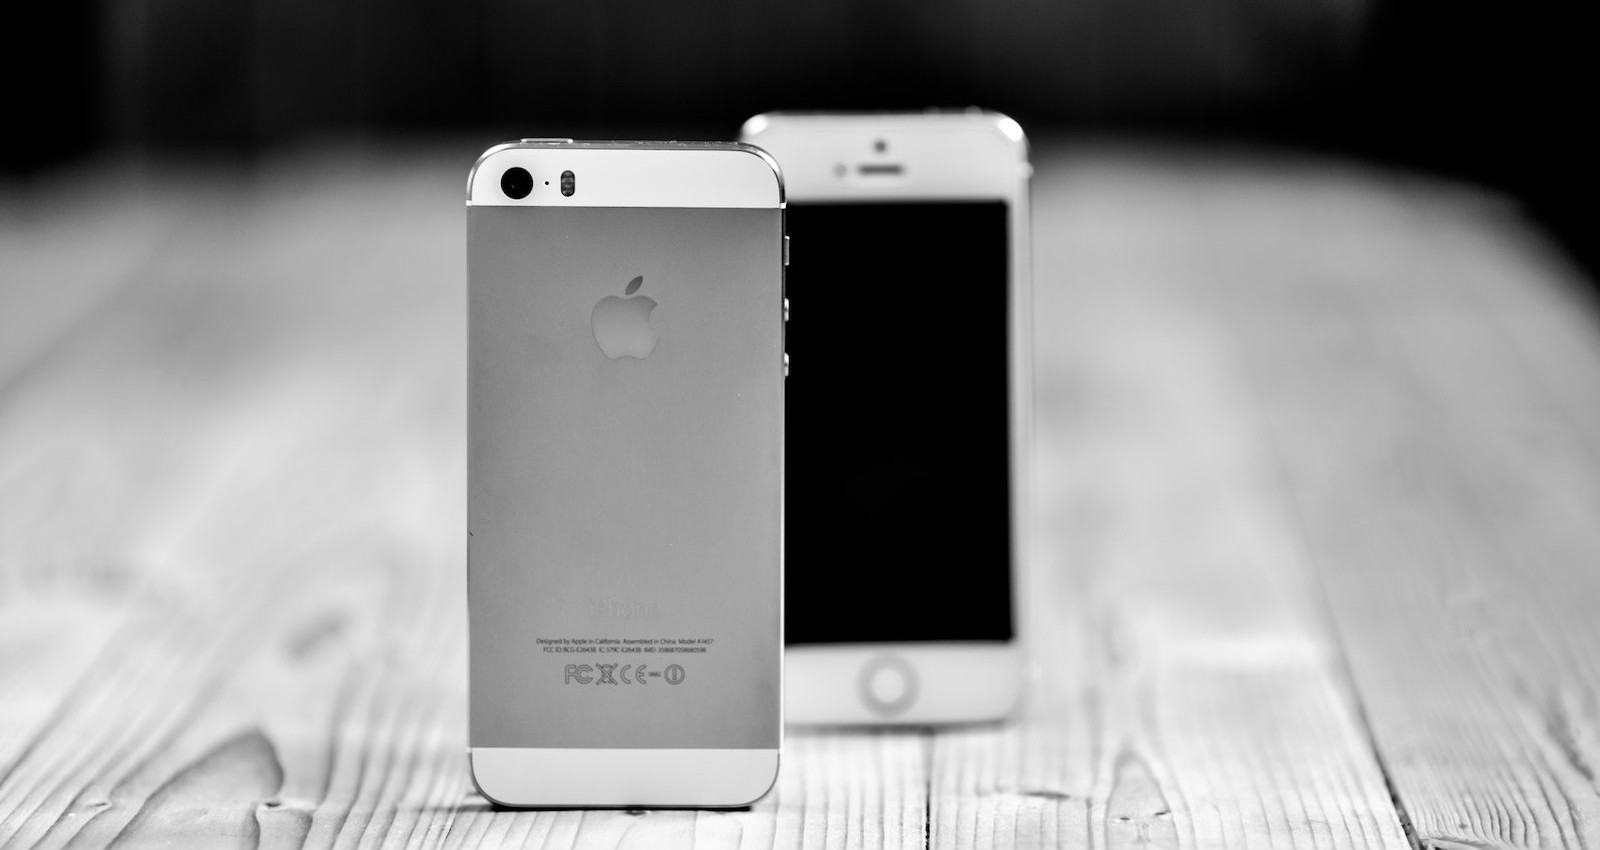 iPhone ohne Power Button ausschalten